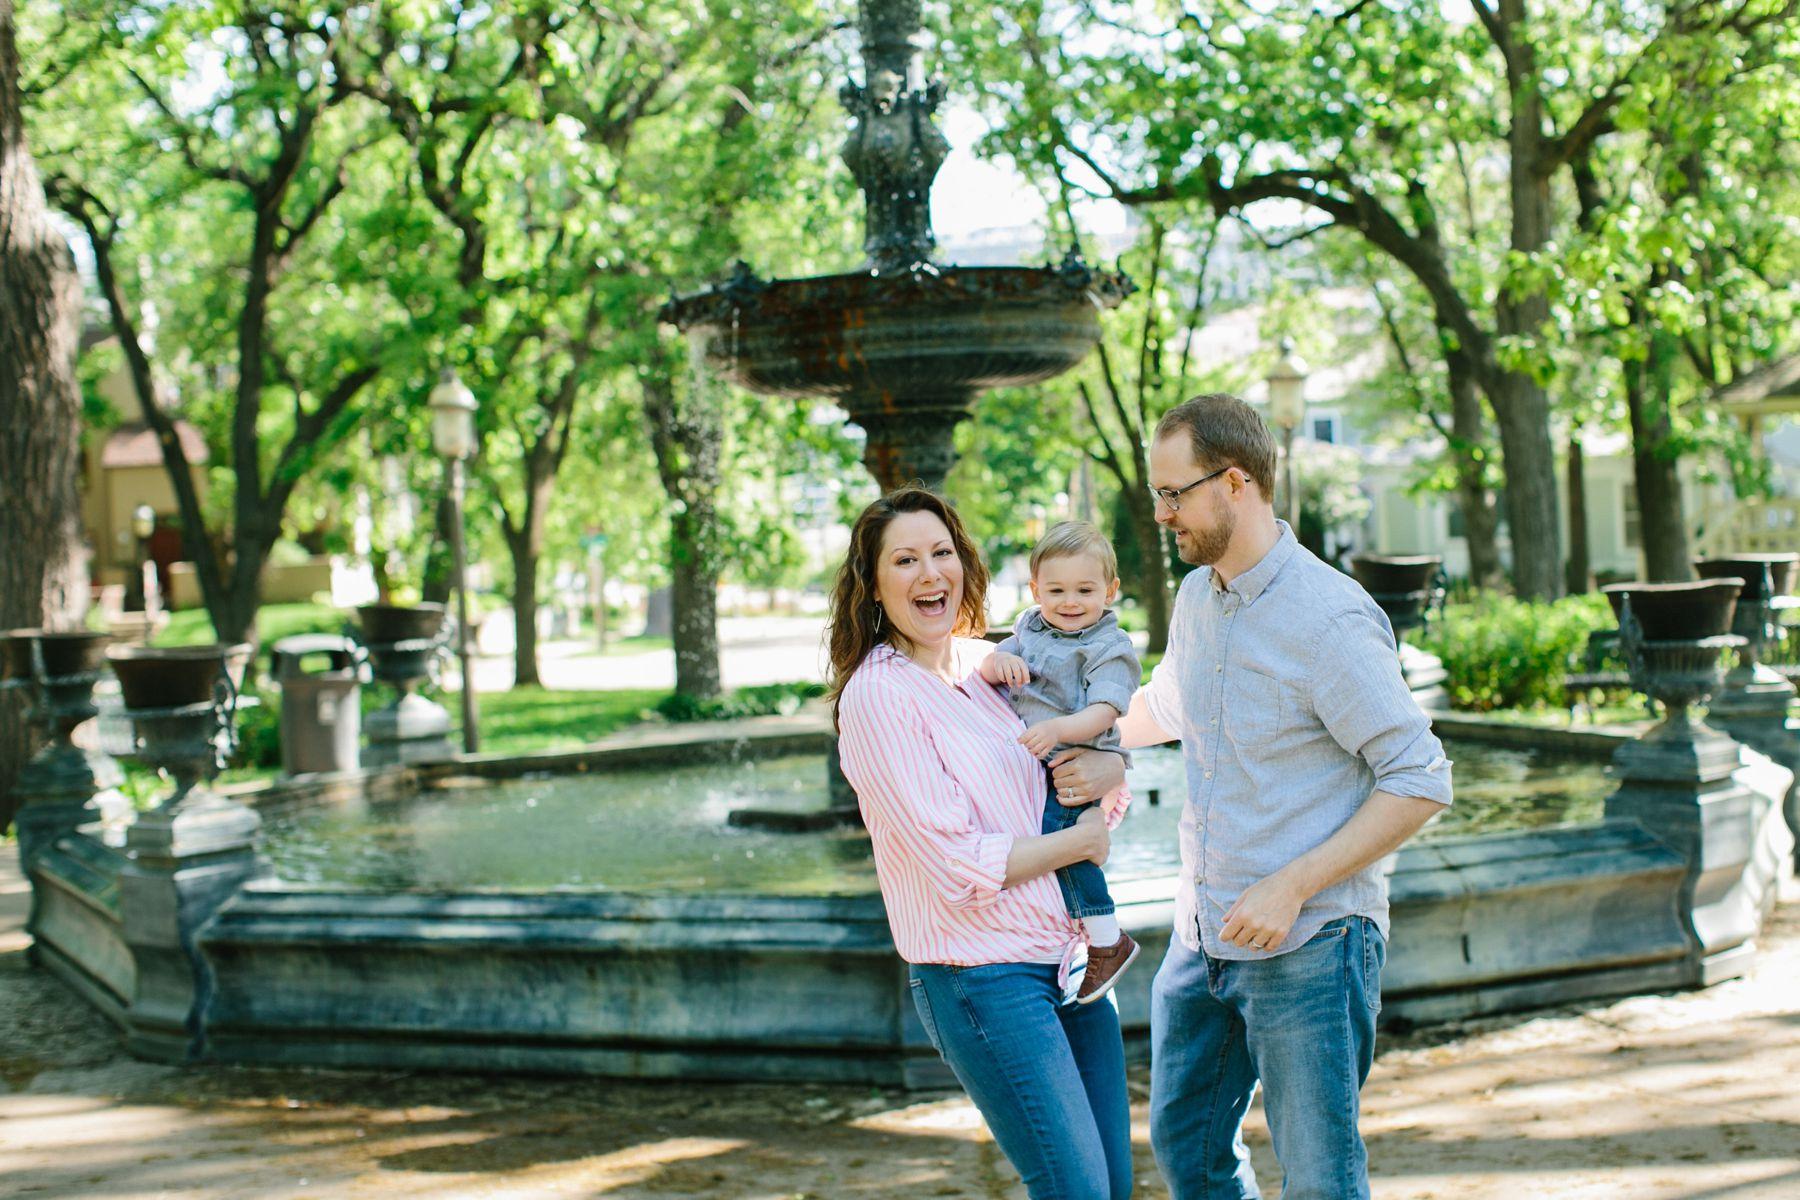 Saint_Paul_Family_Photos-Historic_Parks_1373.jpg